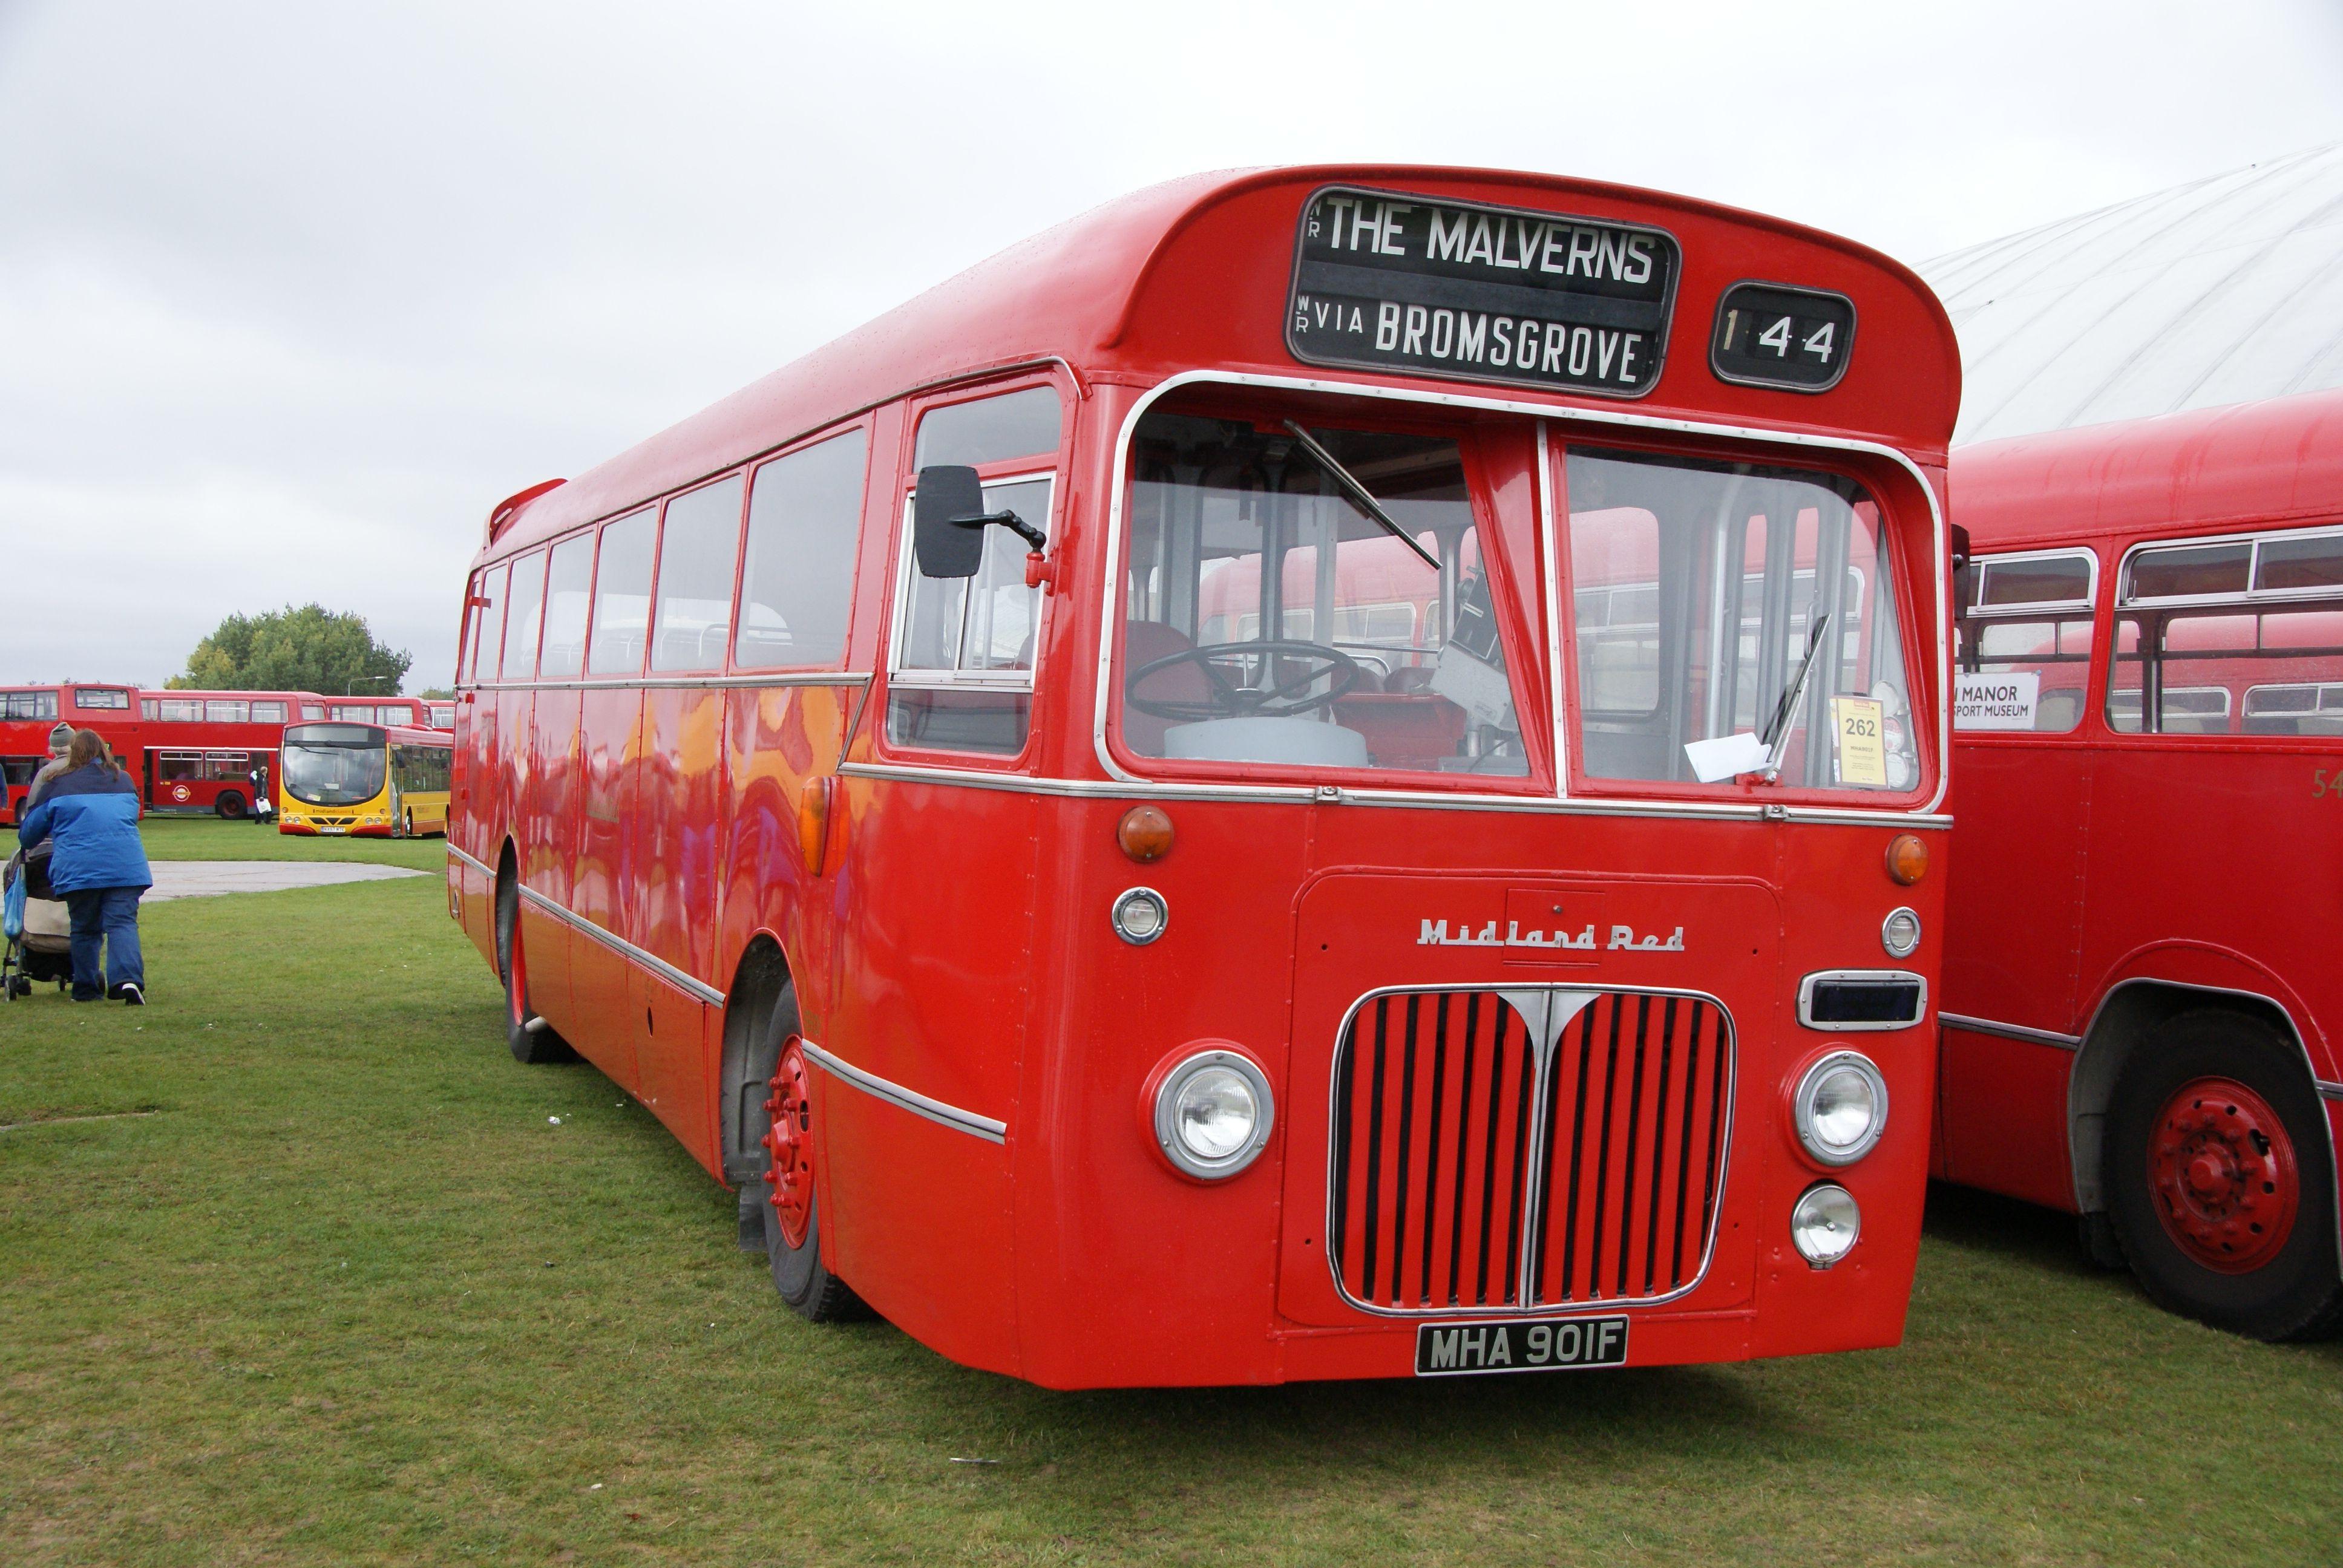 File:Midland Red bus 5901 (MHA 901F), Showbus 2010.jpg